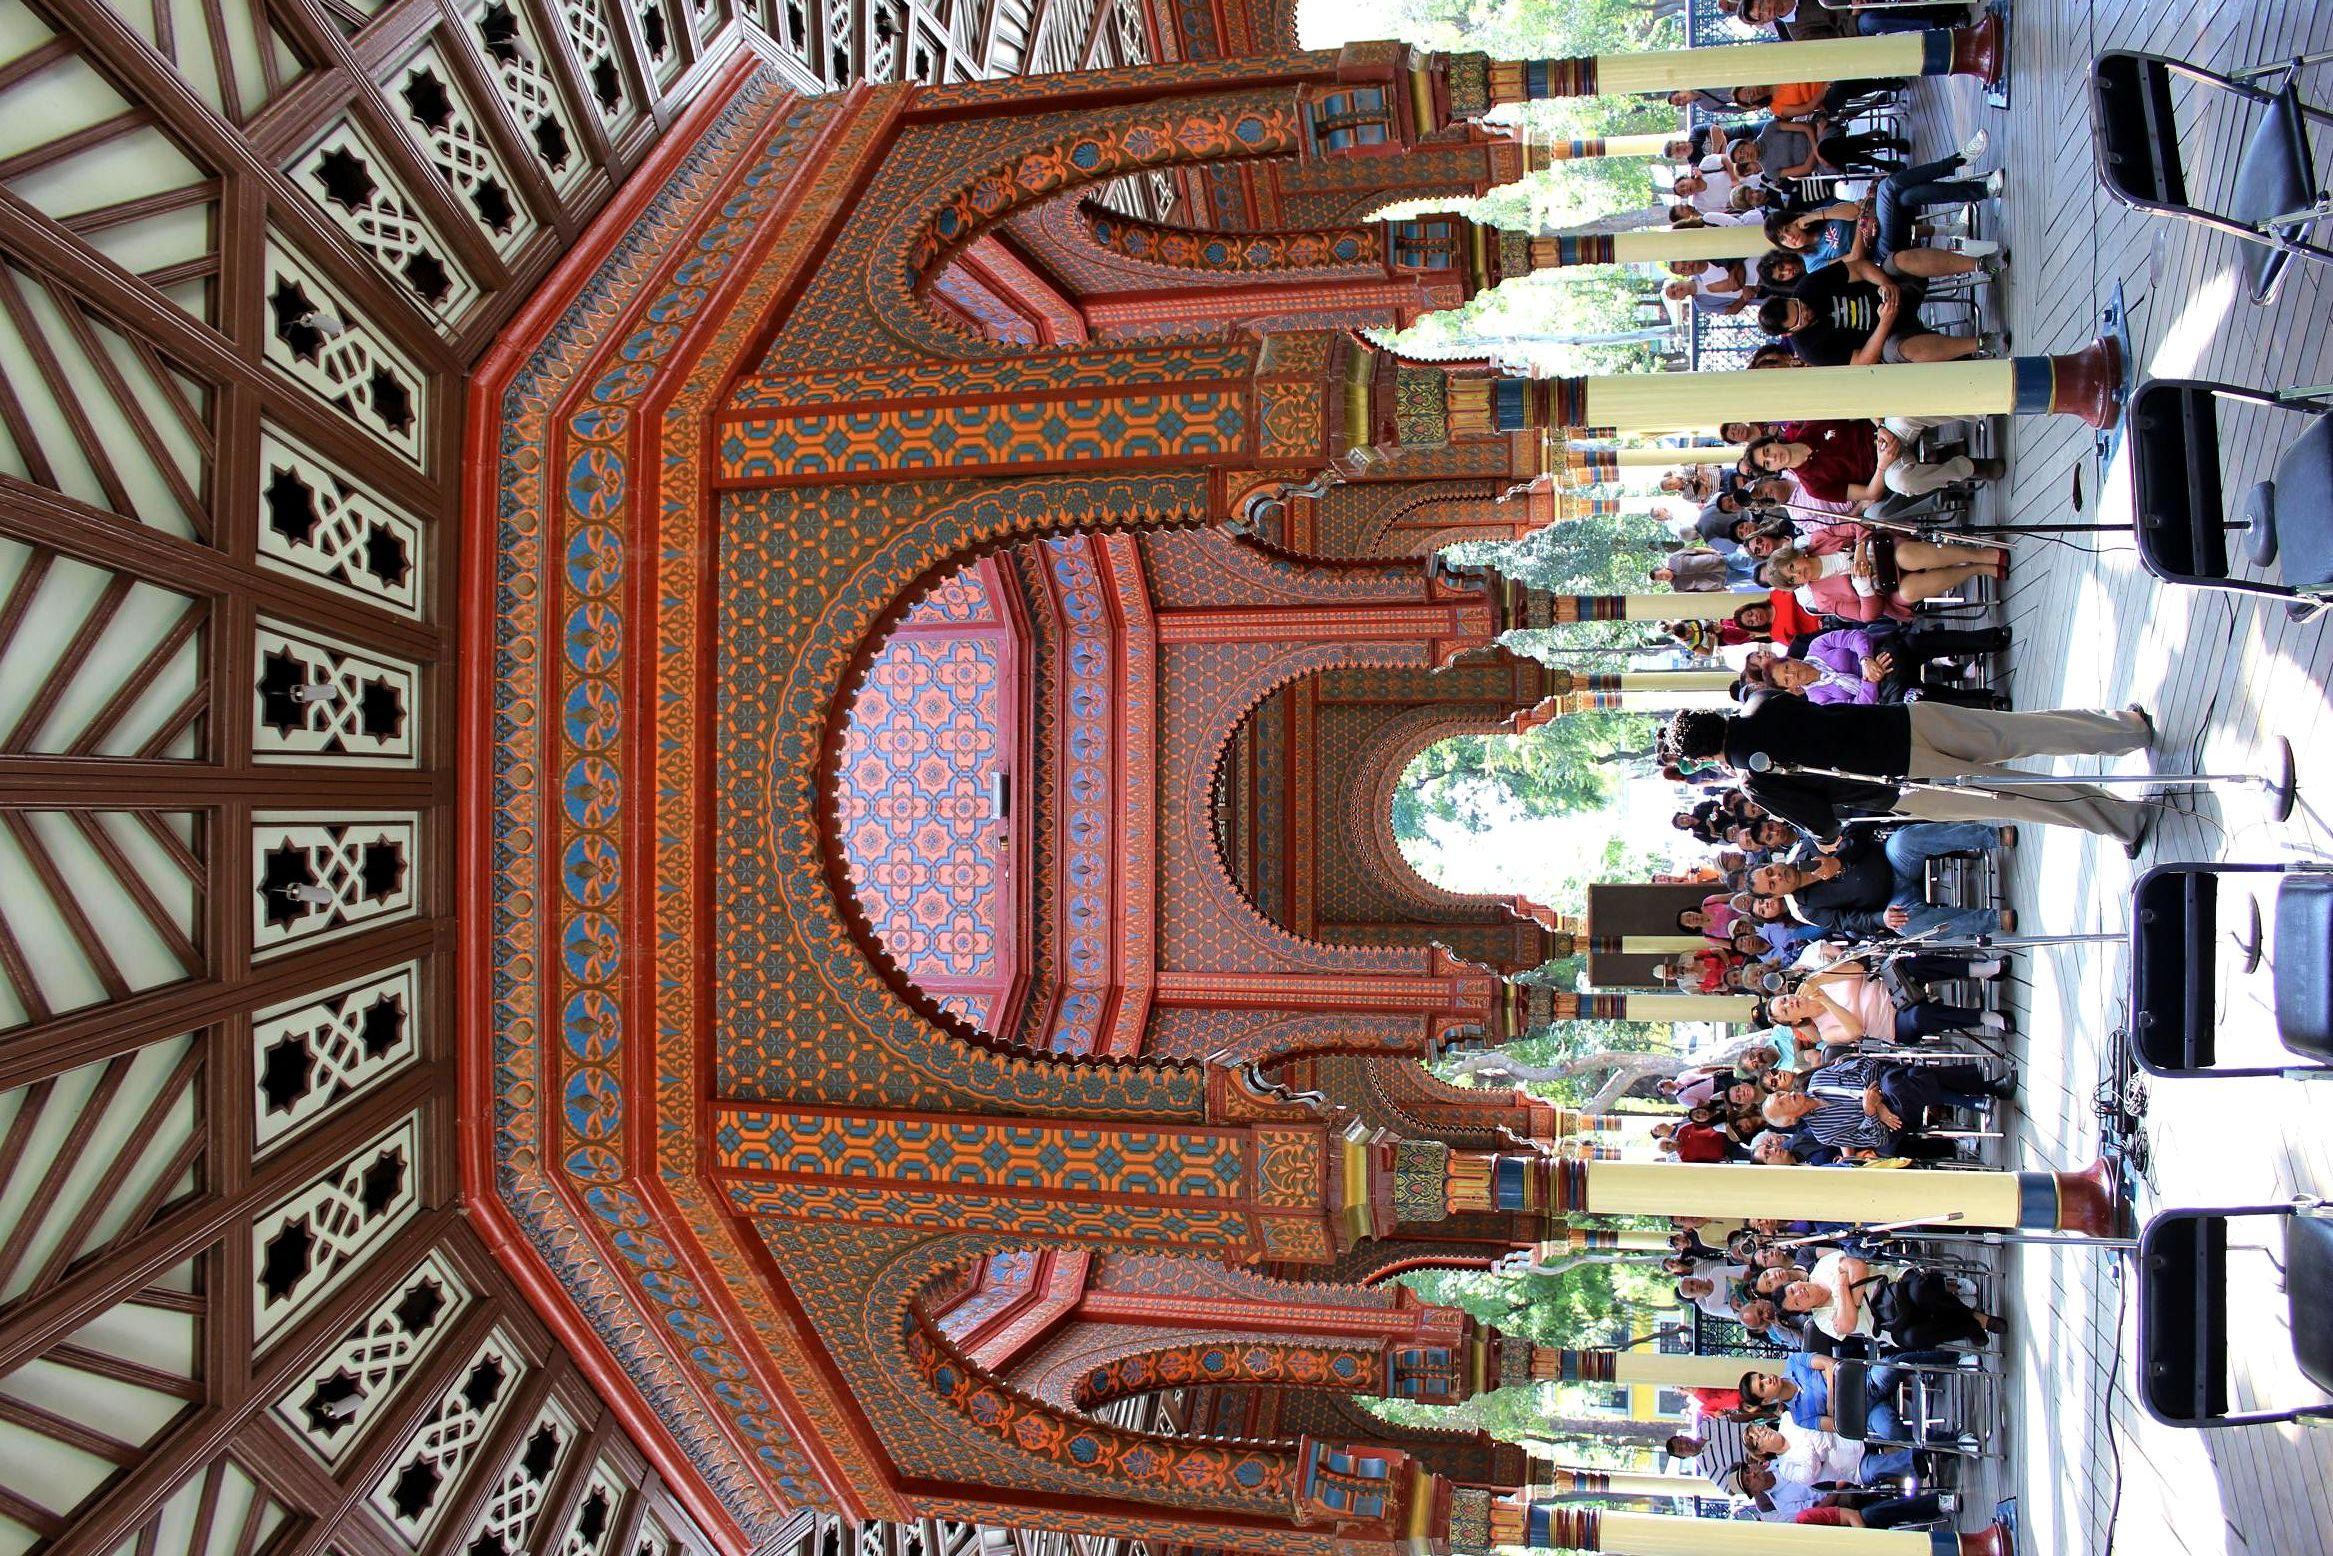 Flashmob en el Kiosko Morisco. Foto: Dardané Pérez Romero / Secretaría de Cultura del GDF.